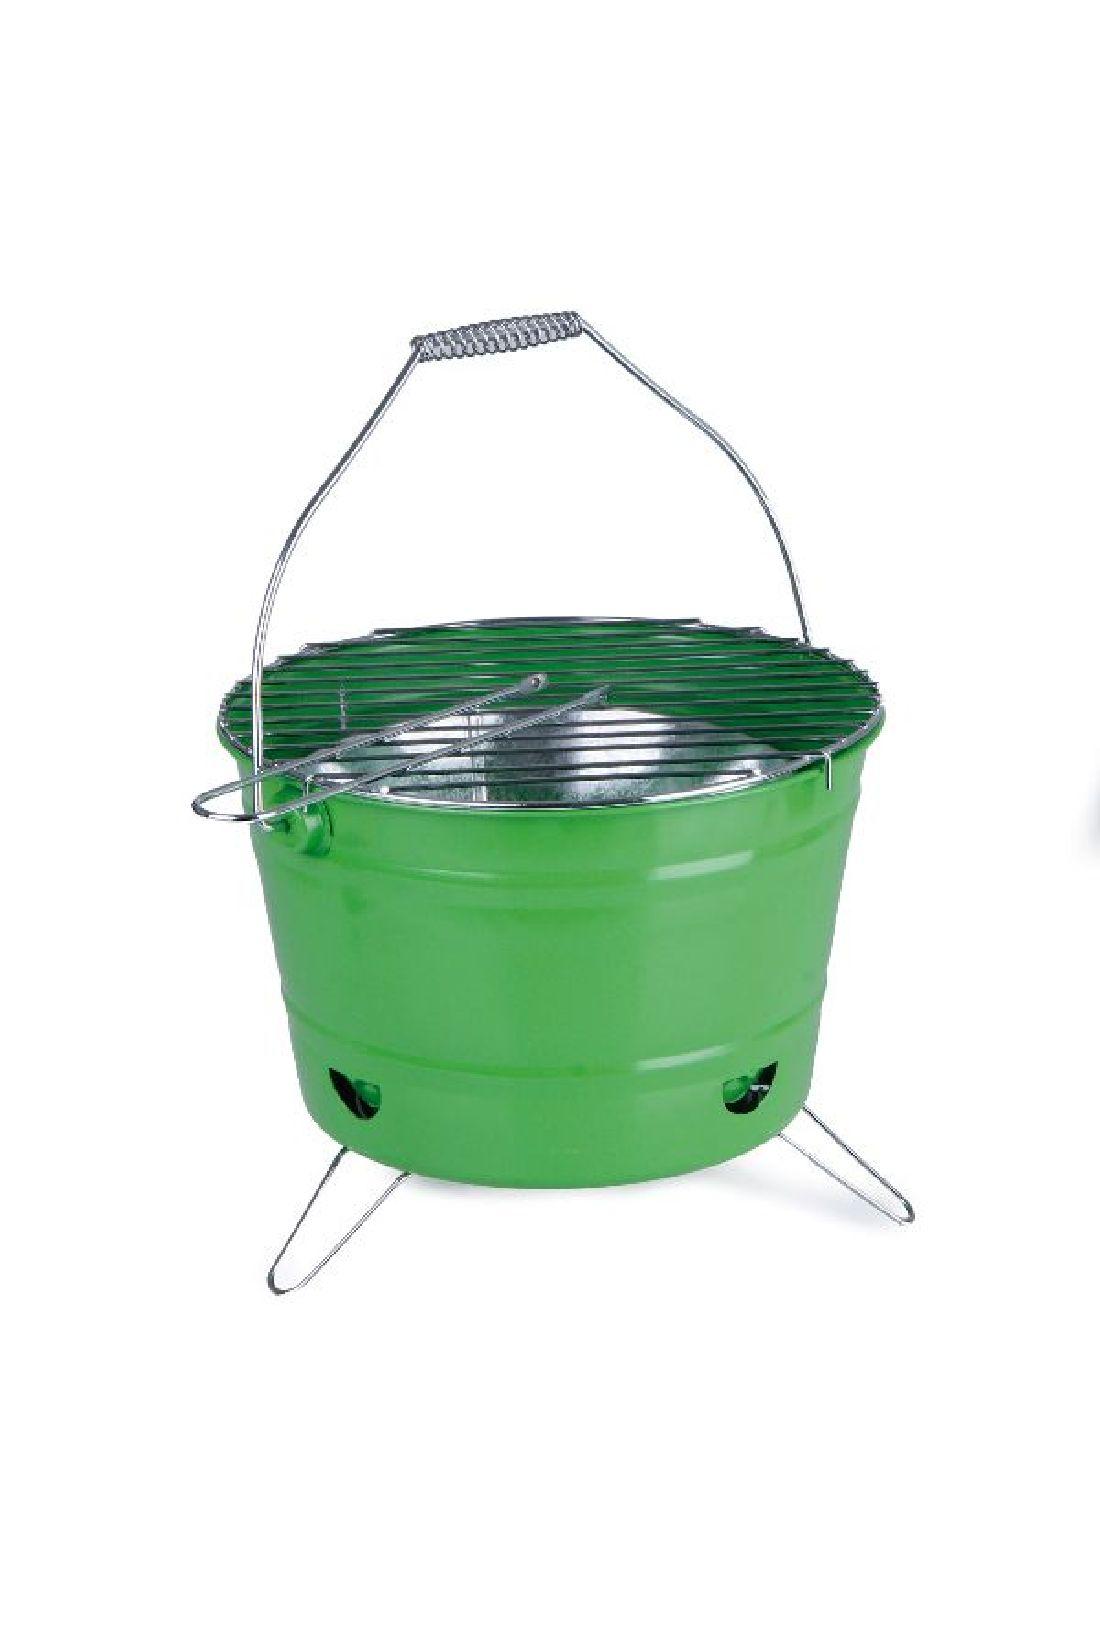 Grill mit Einsatz, Rost,Henkel GRÜN Metall  7425730 B:28cm H:17cm GL:24cm